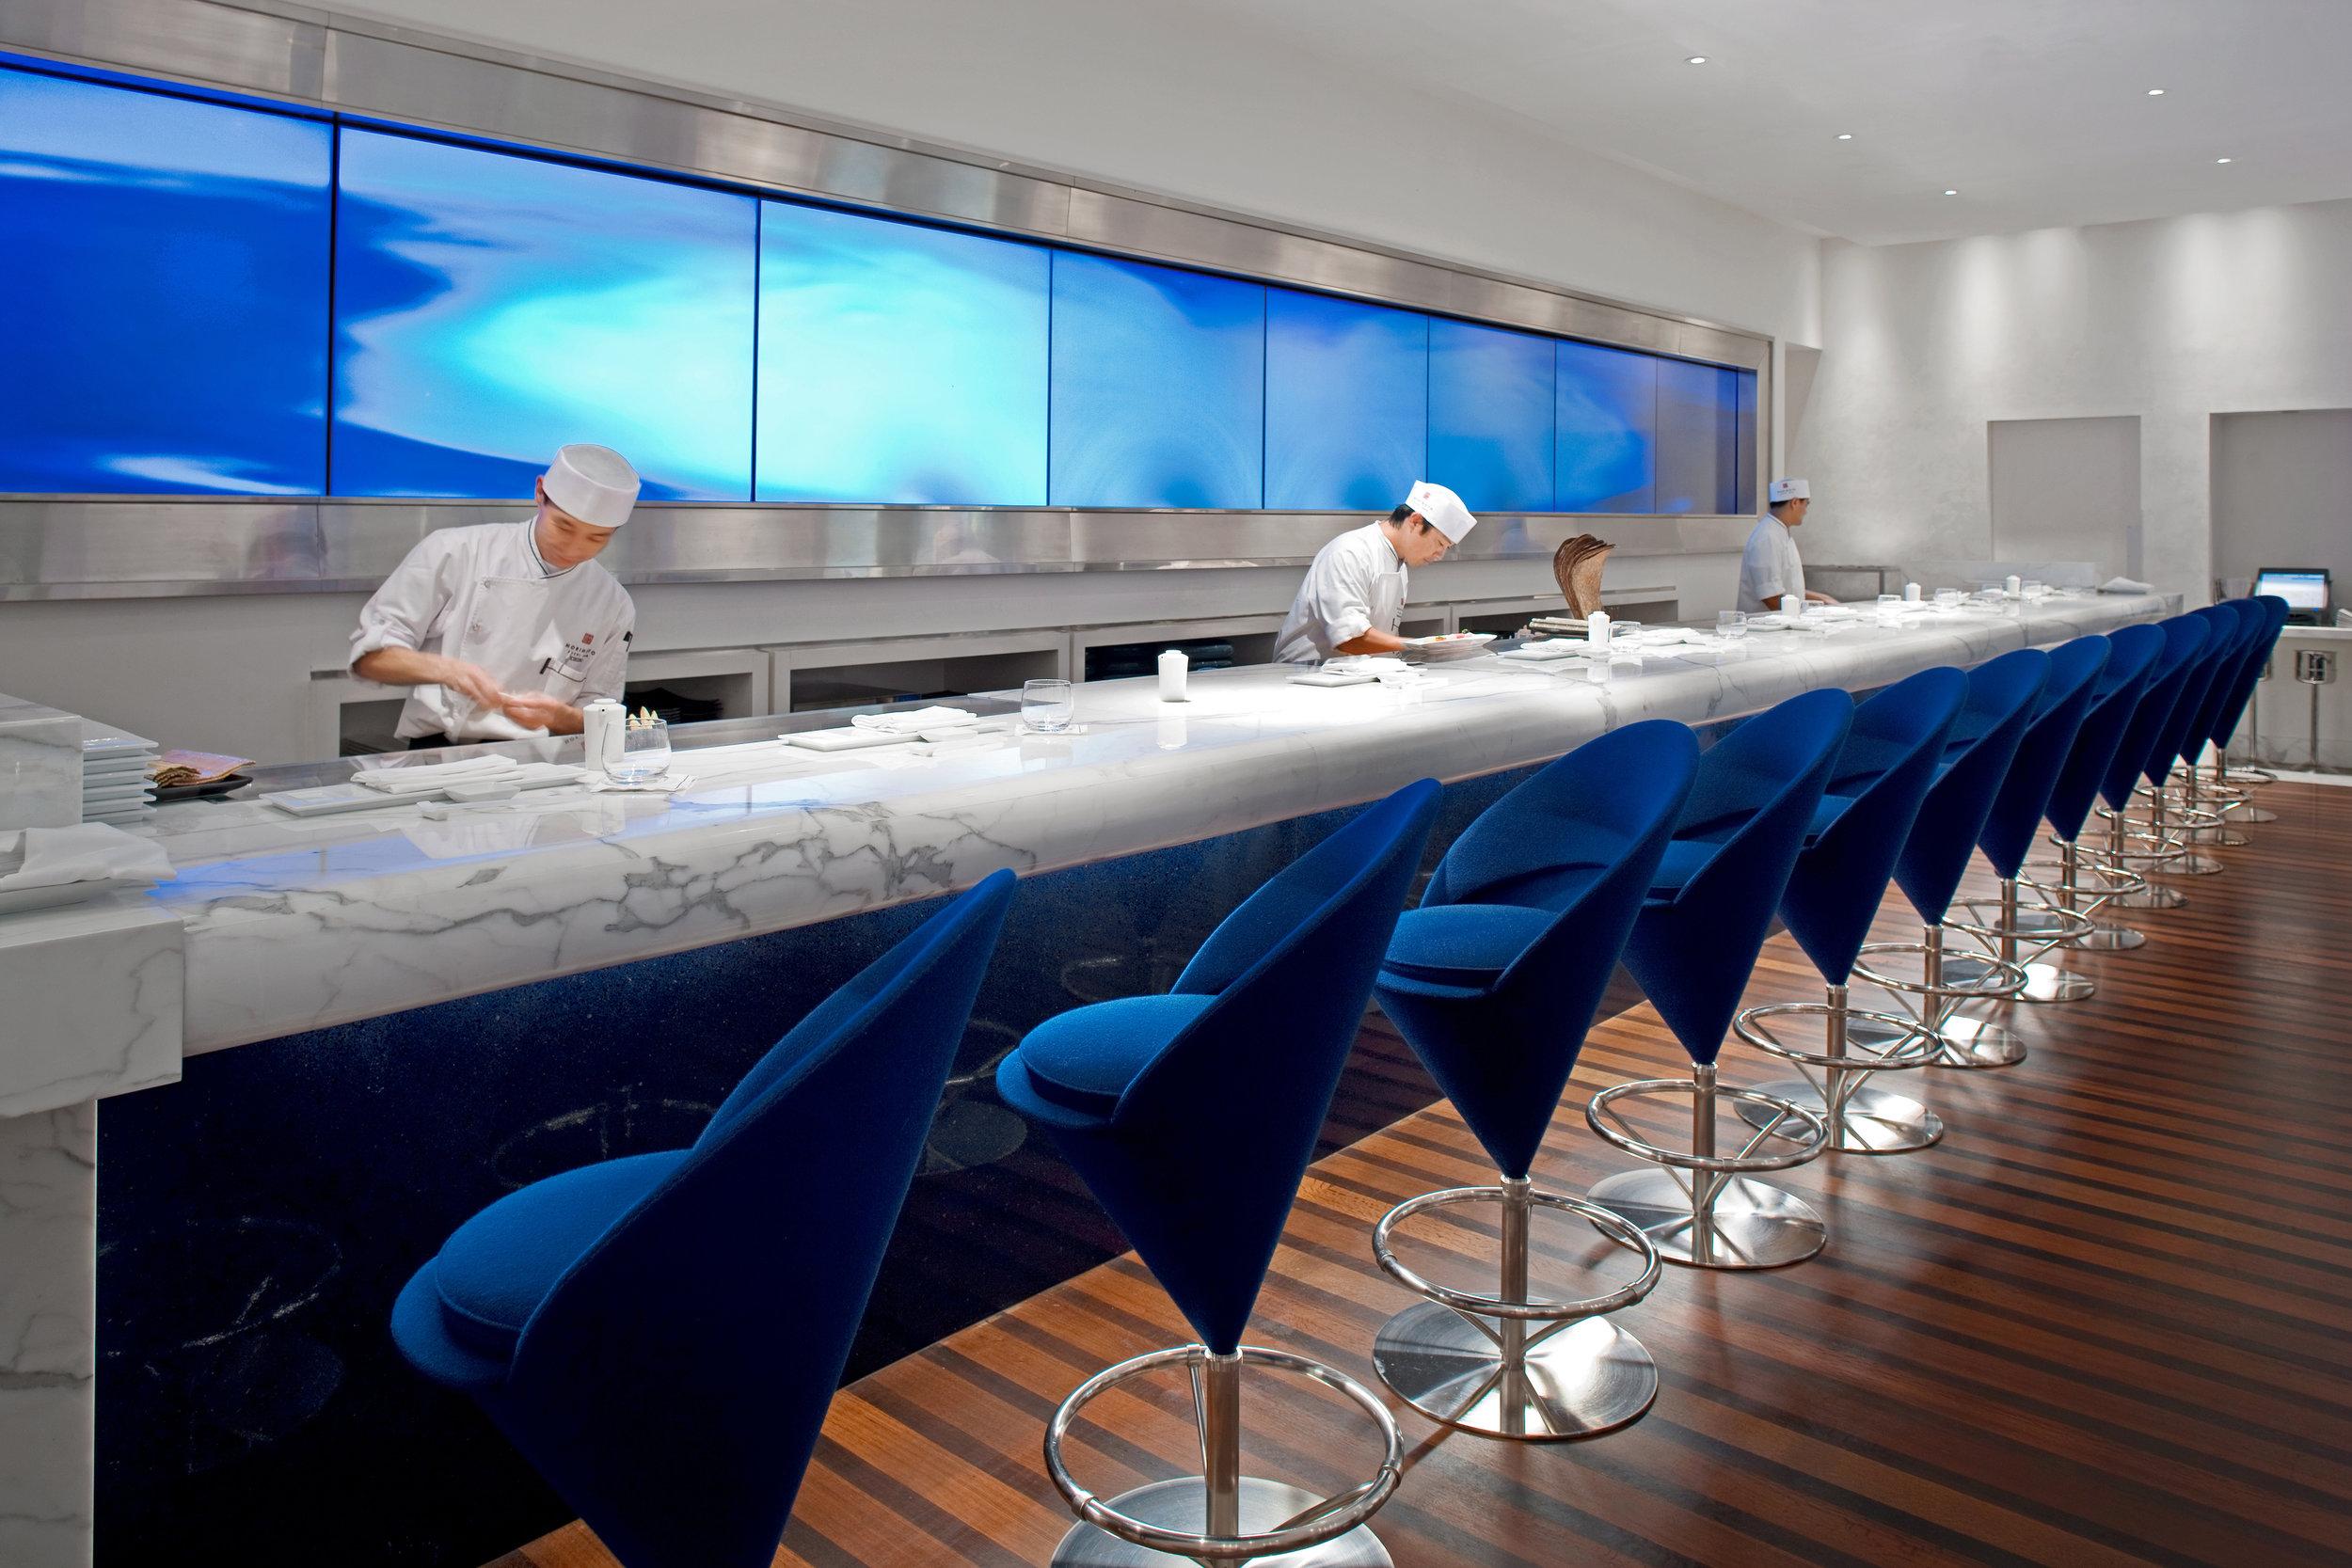 Morimoto Sushi Bar in the Boca Raton Resort & Club for Chef Masaharu Morimoto